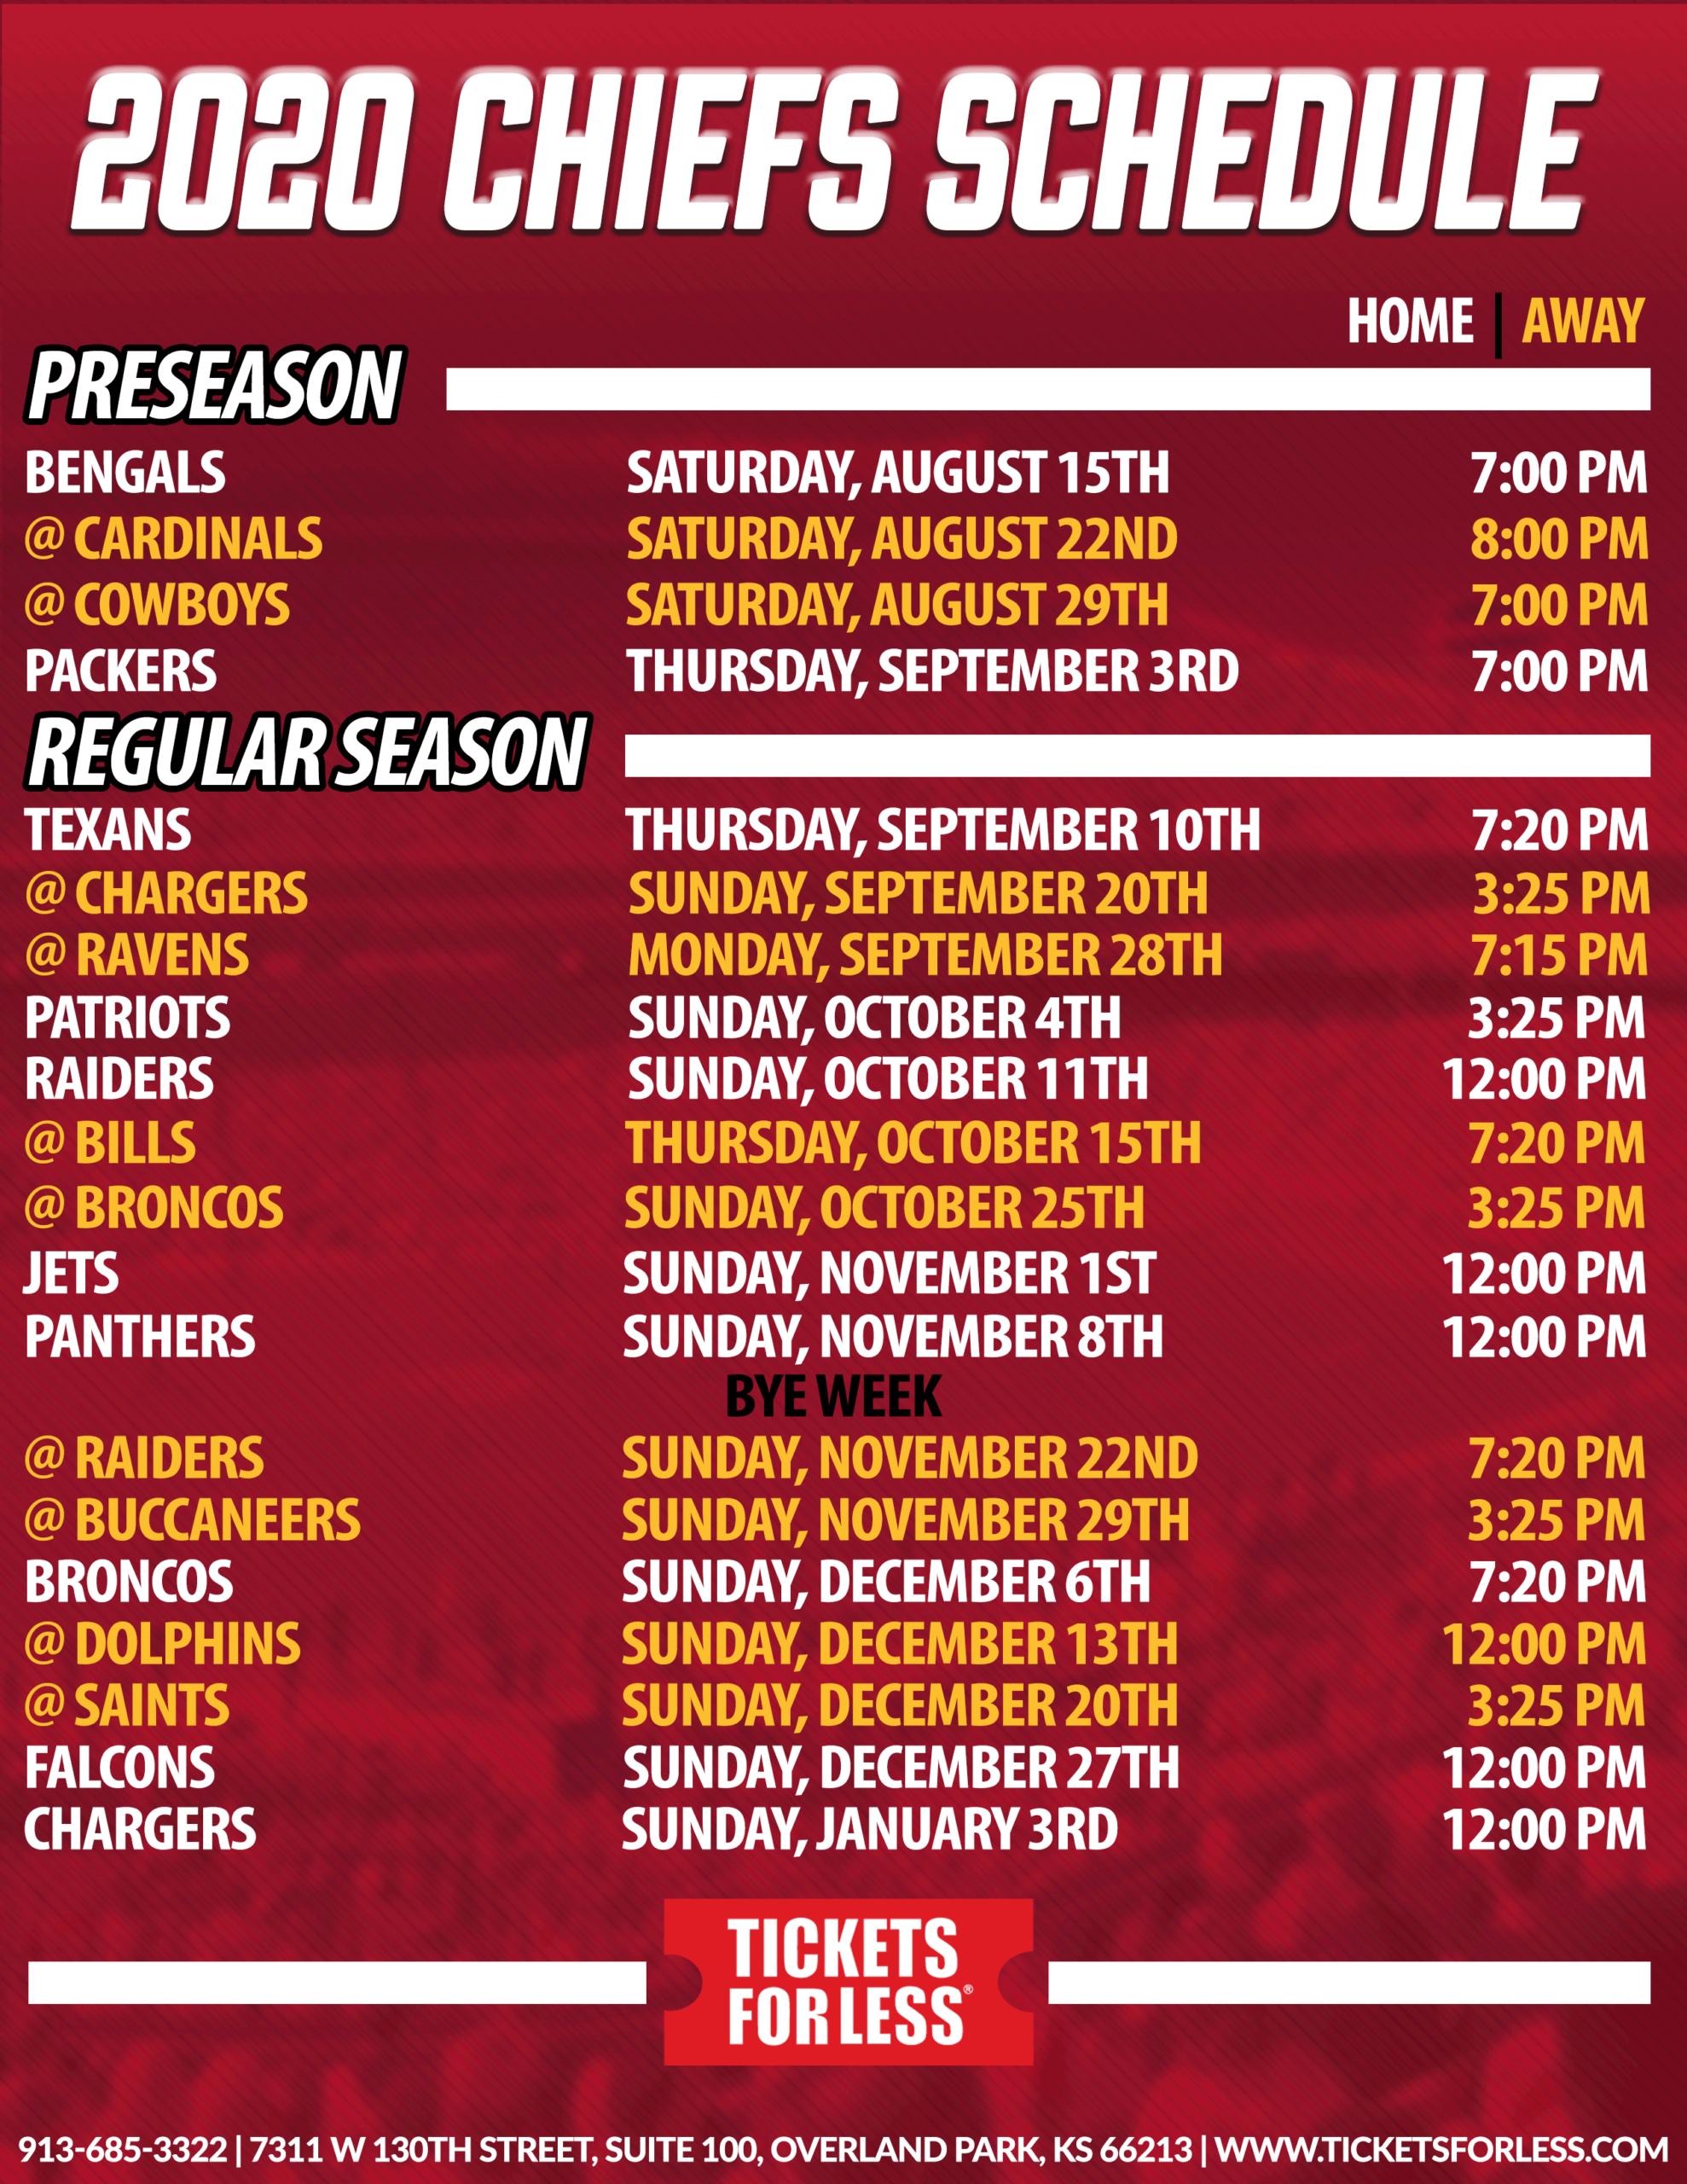 Kansas City Christmas Show Nov 2021 Chiefs Printable Schedule Kansas City Chiefs Schedule With Regard To 2021 Printable Nfl Sch In 2021 Chiefs Schedule Kansas City Chiefs Kansas City Chiefs Football